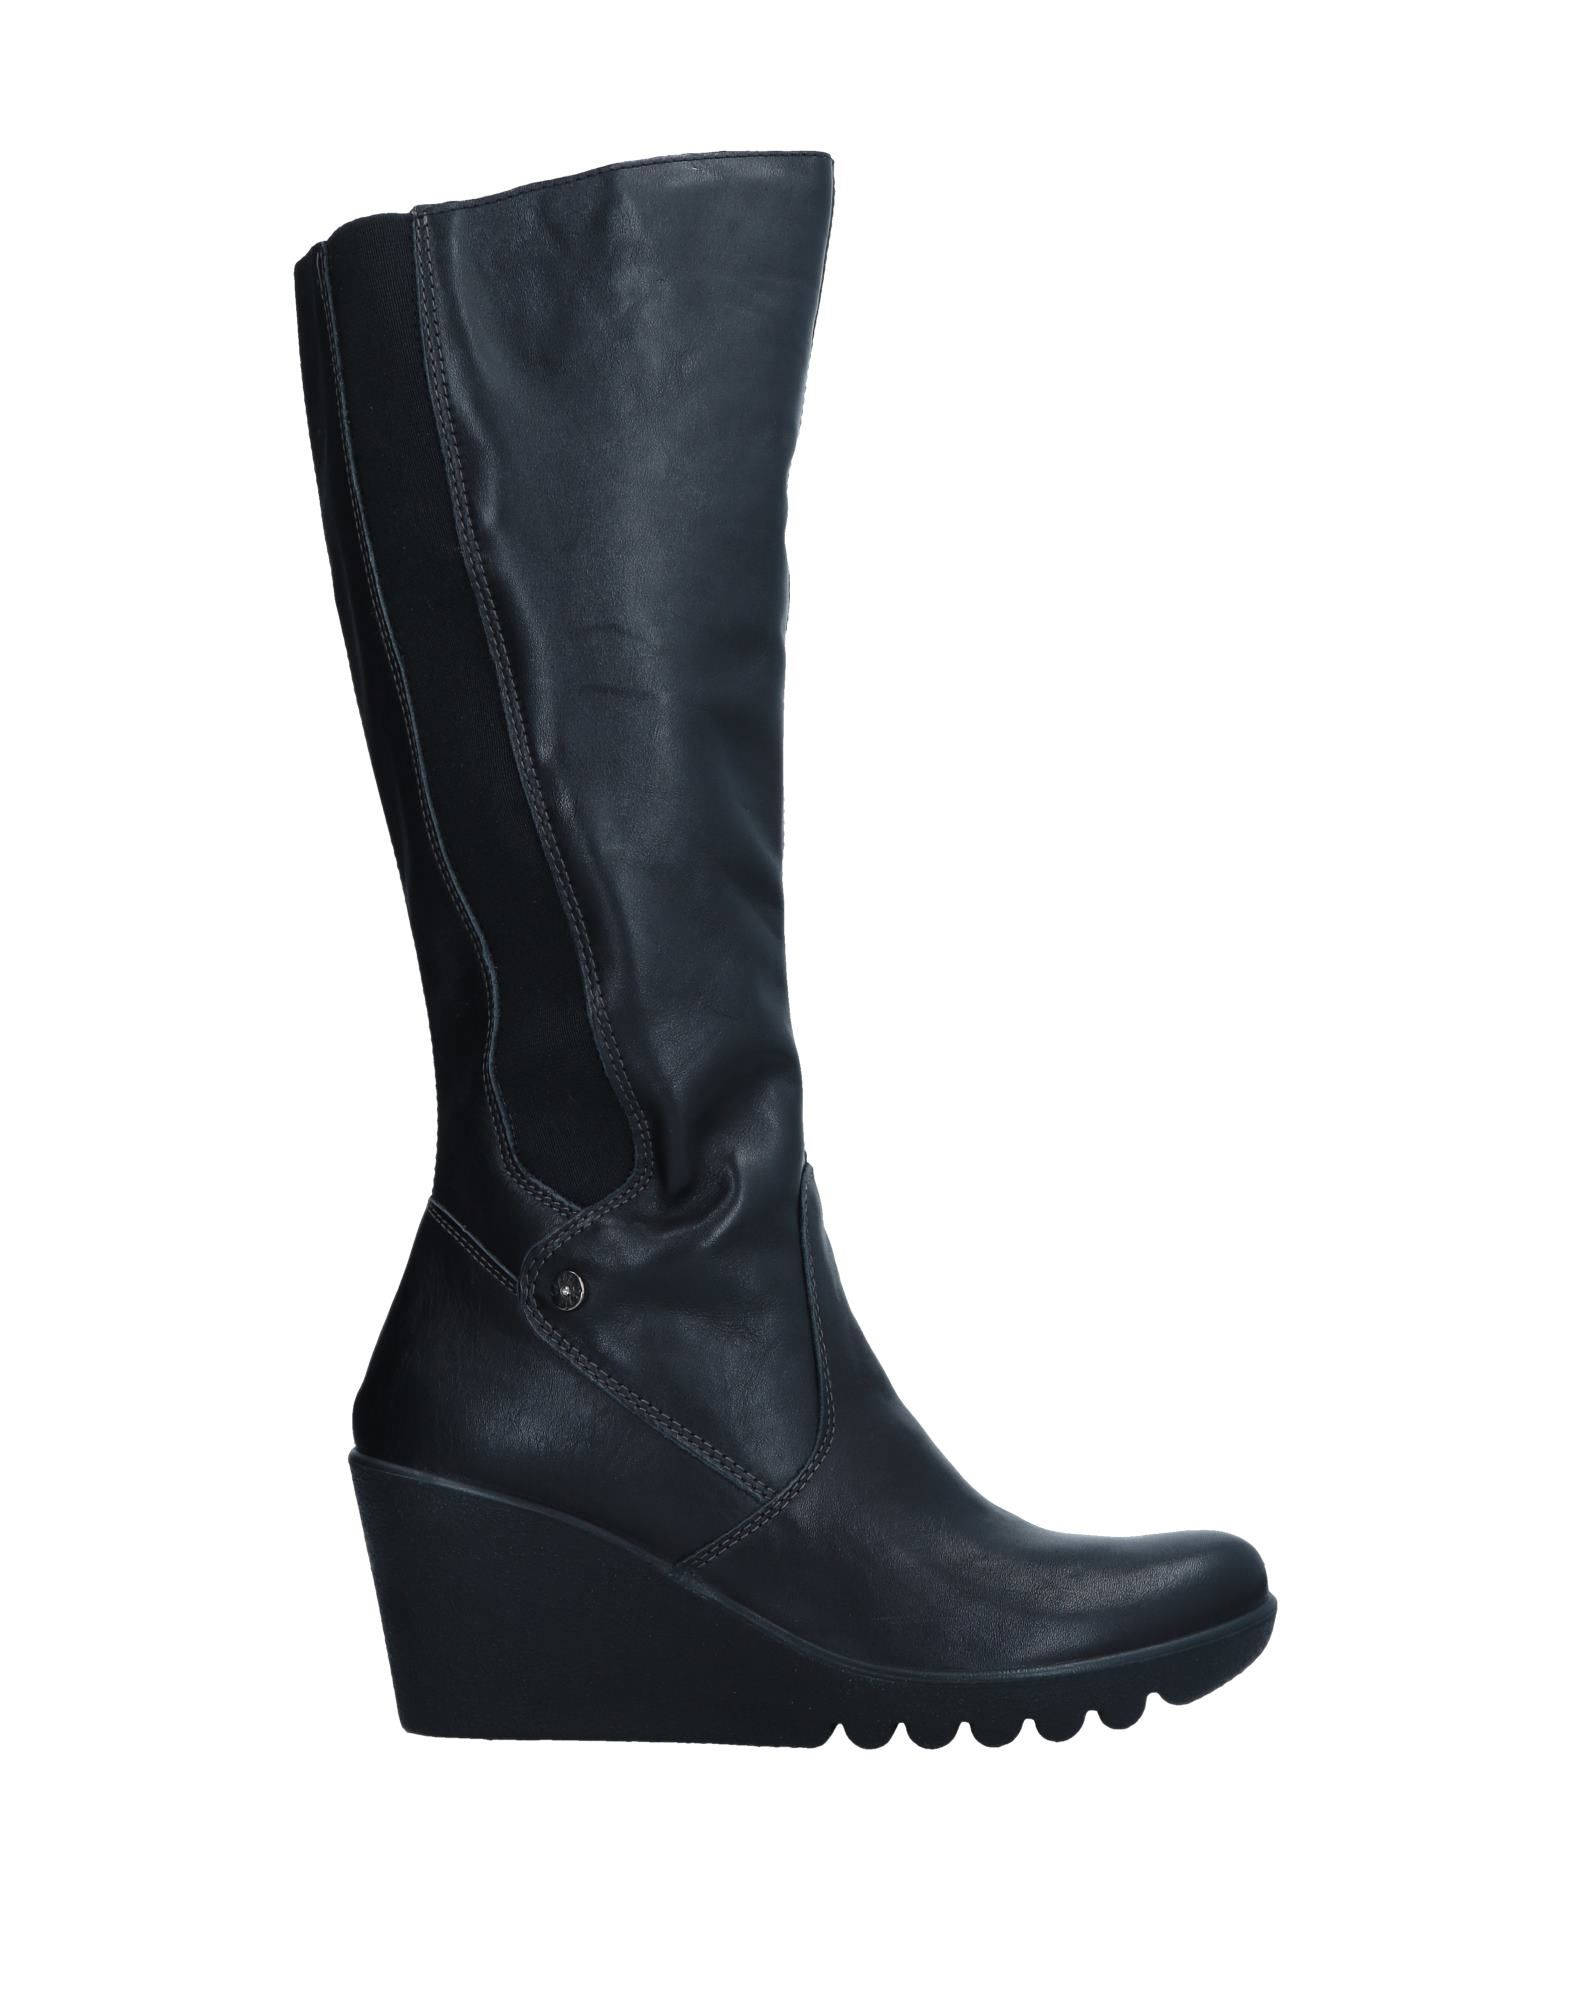 Imac Stiefel Damen Qualität 11548297PH Gute Qualität Damen beliebte Schuhe a7af80